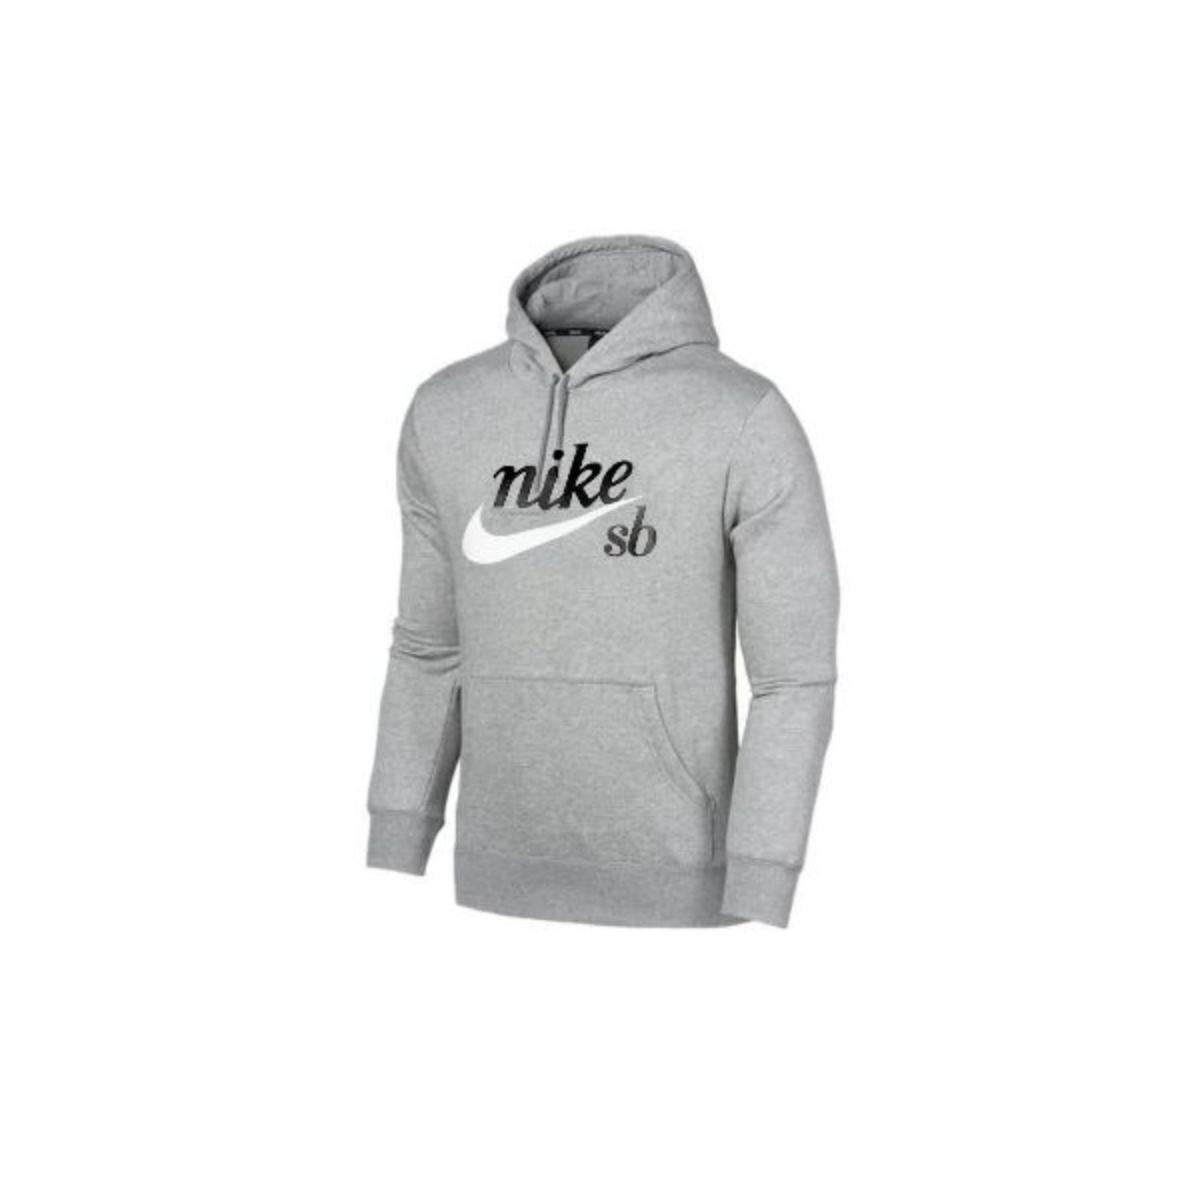 Blusão Masculino Nike Cw4383-063 sb Craft Hoodie Mescla